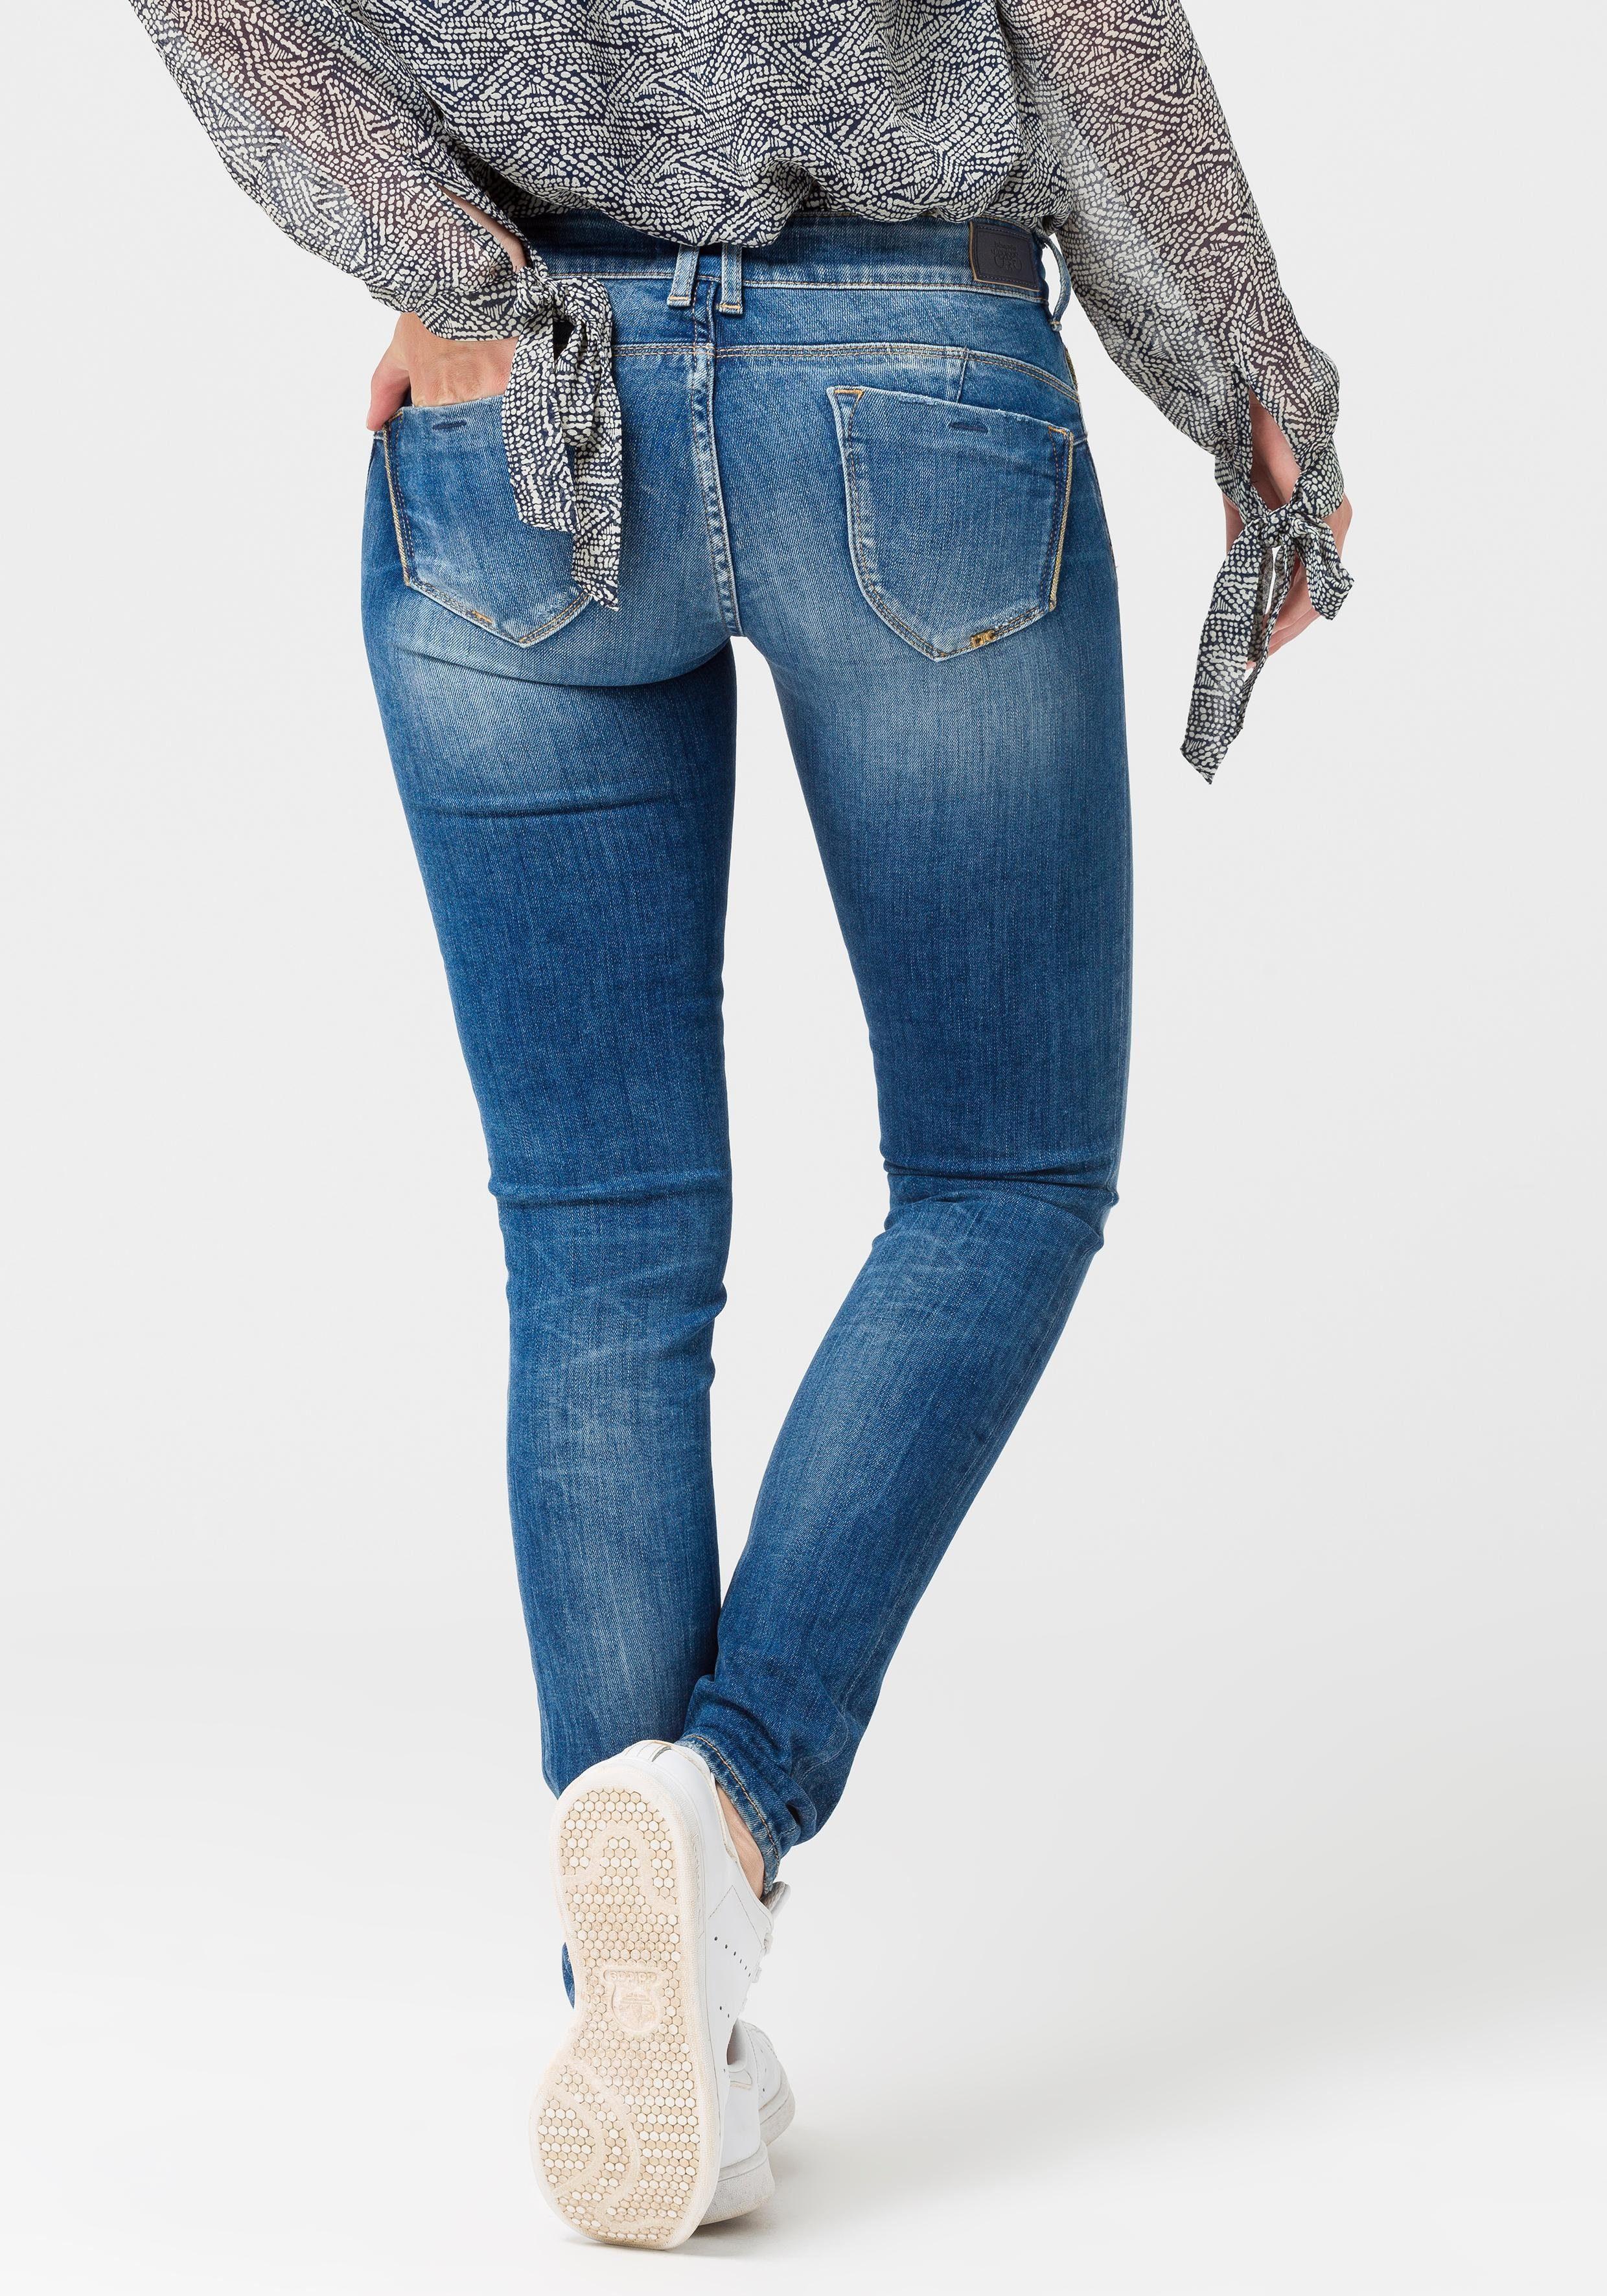 Le Temps Des Cerises Jeanshose Im Angesagten Used-look Blue